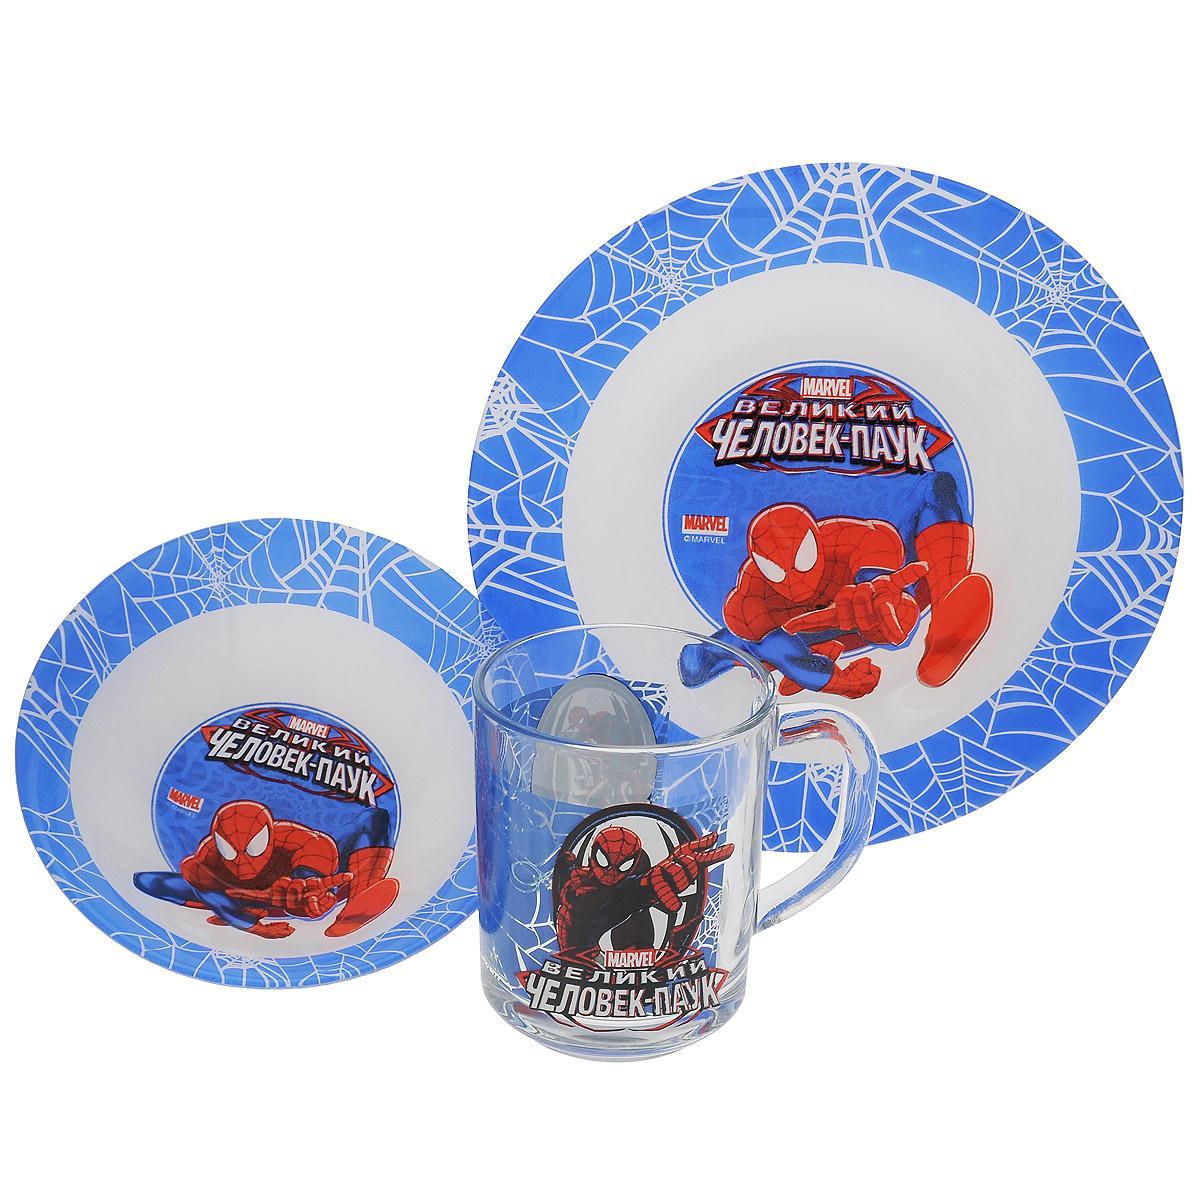 Набор детской посуды Marvel Spider-Man, 3 предмета1053679Набор детской посуды Marvel Spider-Man, выполненный из стекла, состоит из кружки, тарелки и салатника. Изделия оформлены изображением героz популярного мультфильма Spider-Man. Материалы изделий нетоксичены и безопасны для детского здоровья. Детская посуда удобна и увлекательна для вашего малыша. Привычная еда станет более вкусной и приятной, если процесс кормления сопровождать игрой и сказками о любимых героях. Красочная посуда является залогом хорошего настроения и аппетита ваших детей. Можно мыть в посудомоечной машине. Диаметр тарелка: 19,5 см. Диаметр салатника: 14 см. Высота салатника: 4,5 см. Объем кружки: 250 мл. Диаметр кружки (по верхнему краю): 7 см. Высота кружки: 9 см.